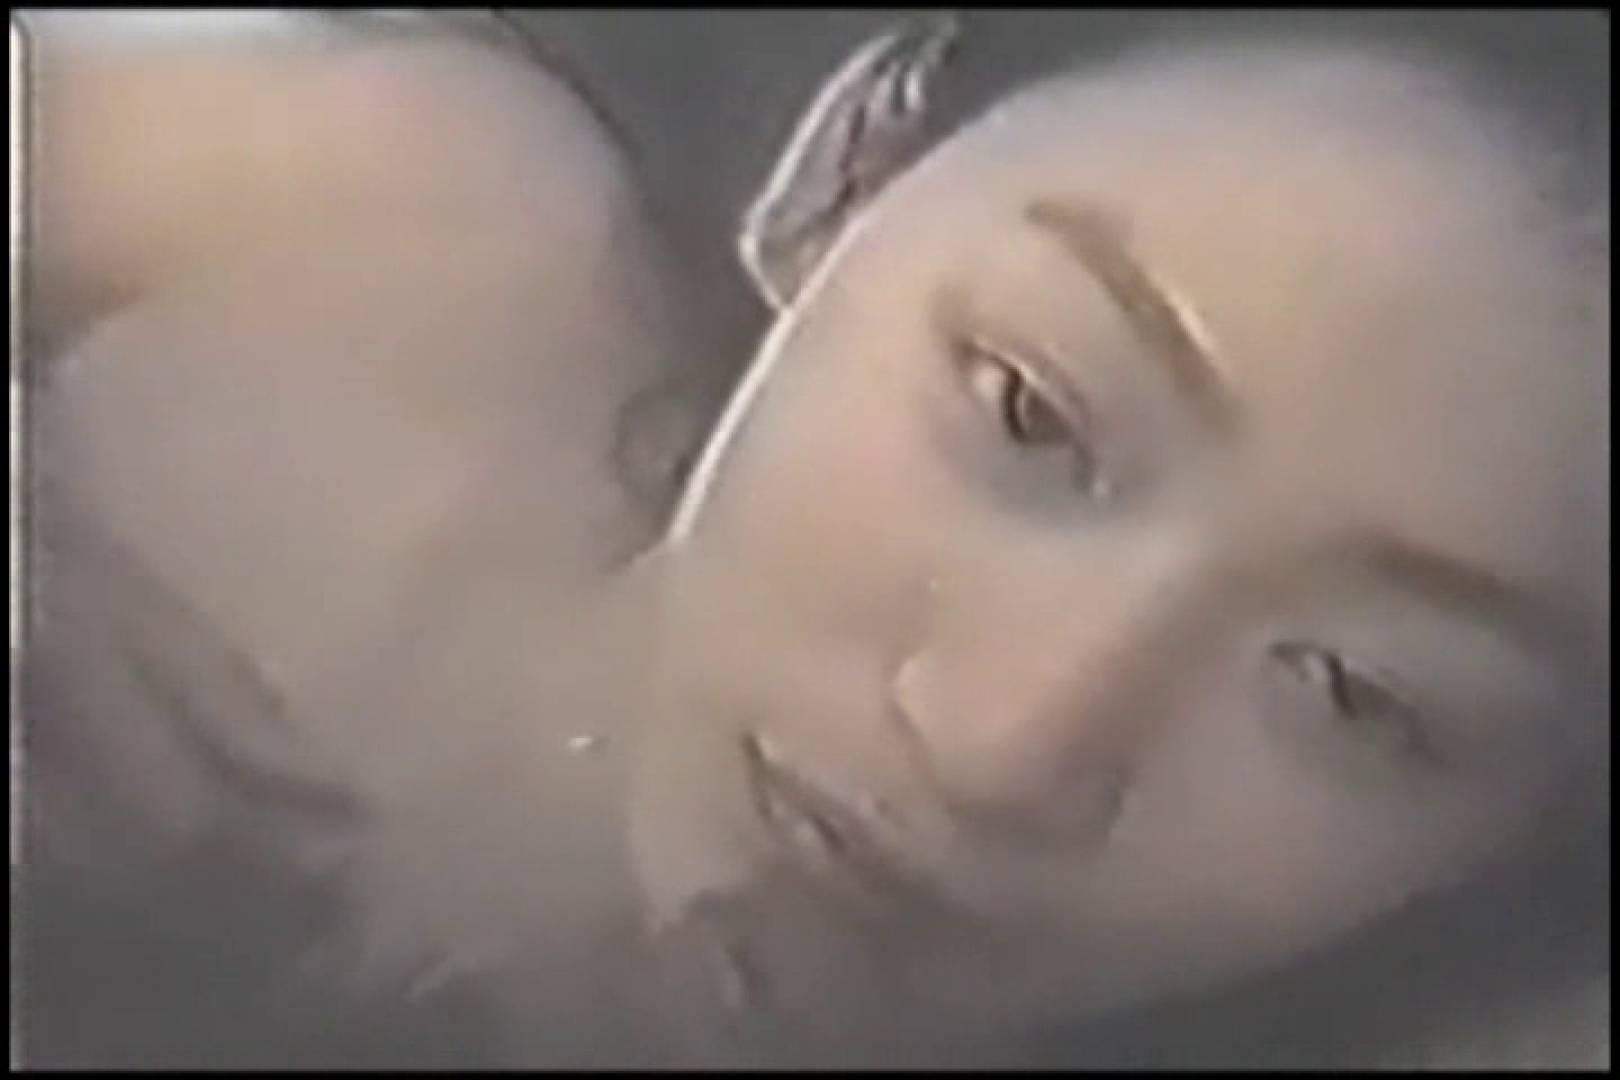 前後不覚に酔っている女を撮影する鬼畜親父 一般投稿  82枚 27